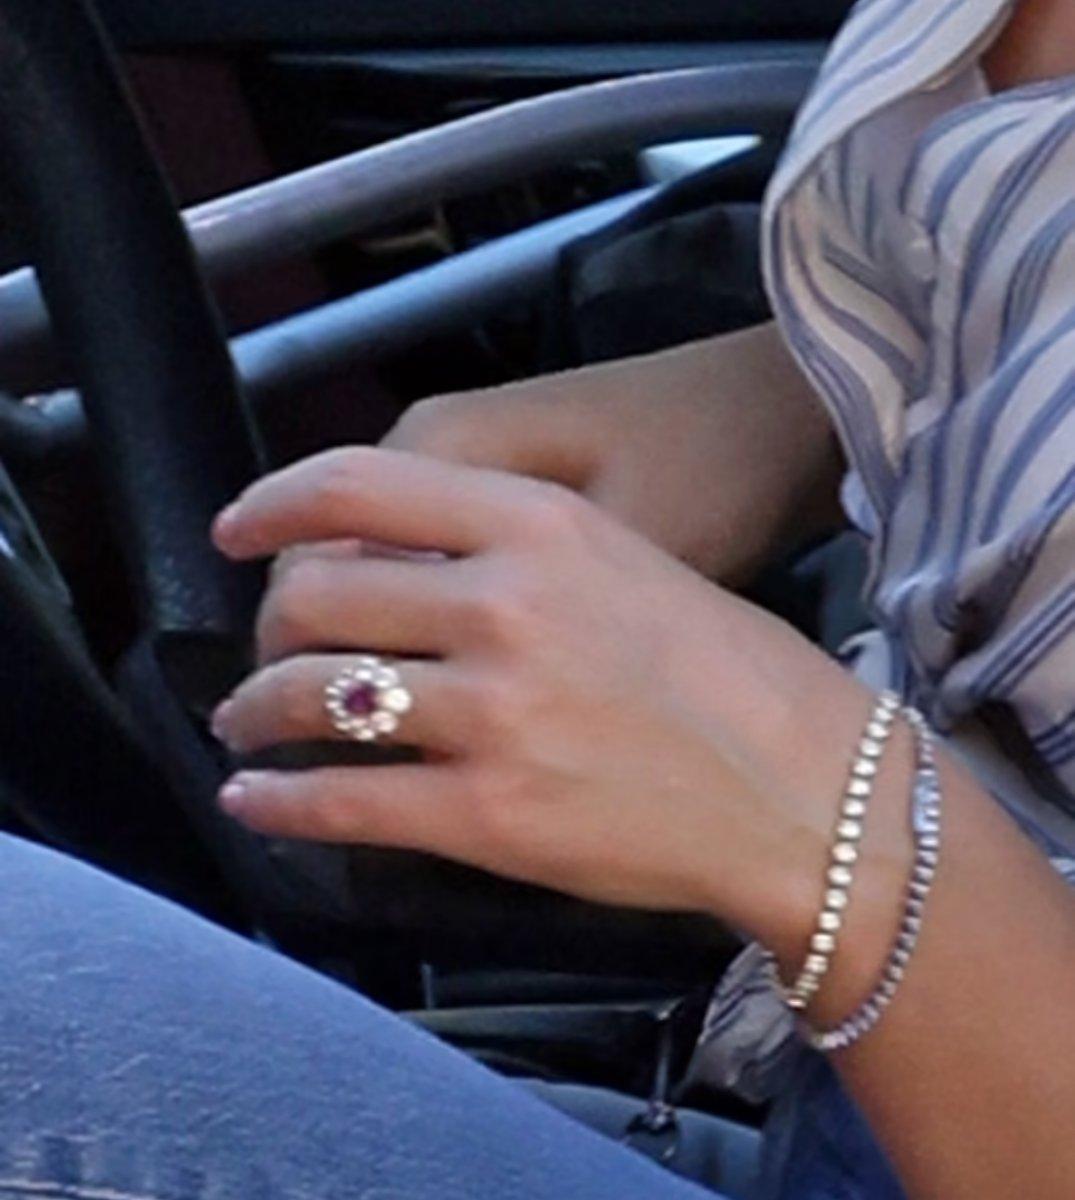 Katy Perry, 5 milyon dolarlık nişan yüzüğüyle görüntülendi #2